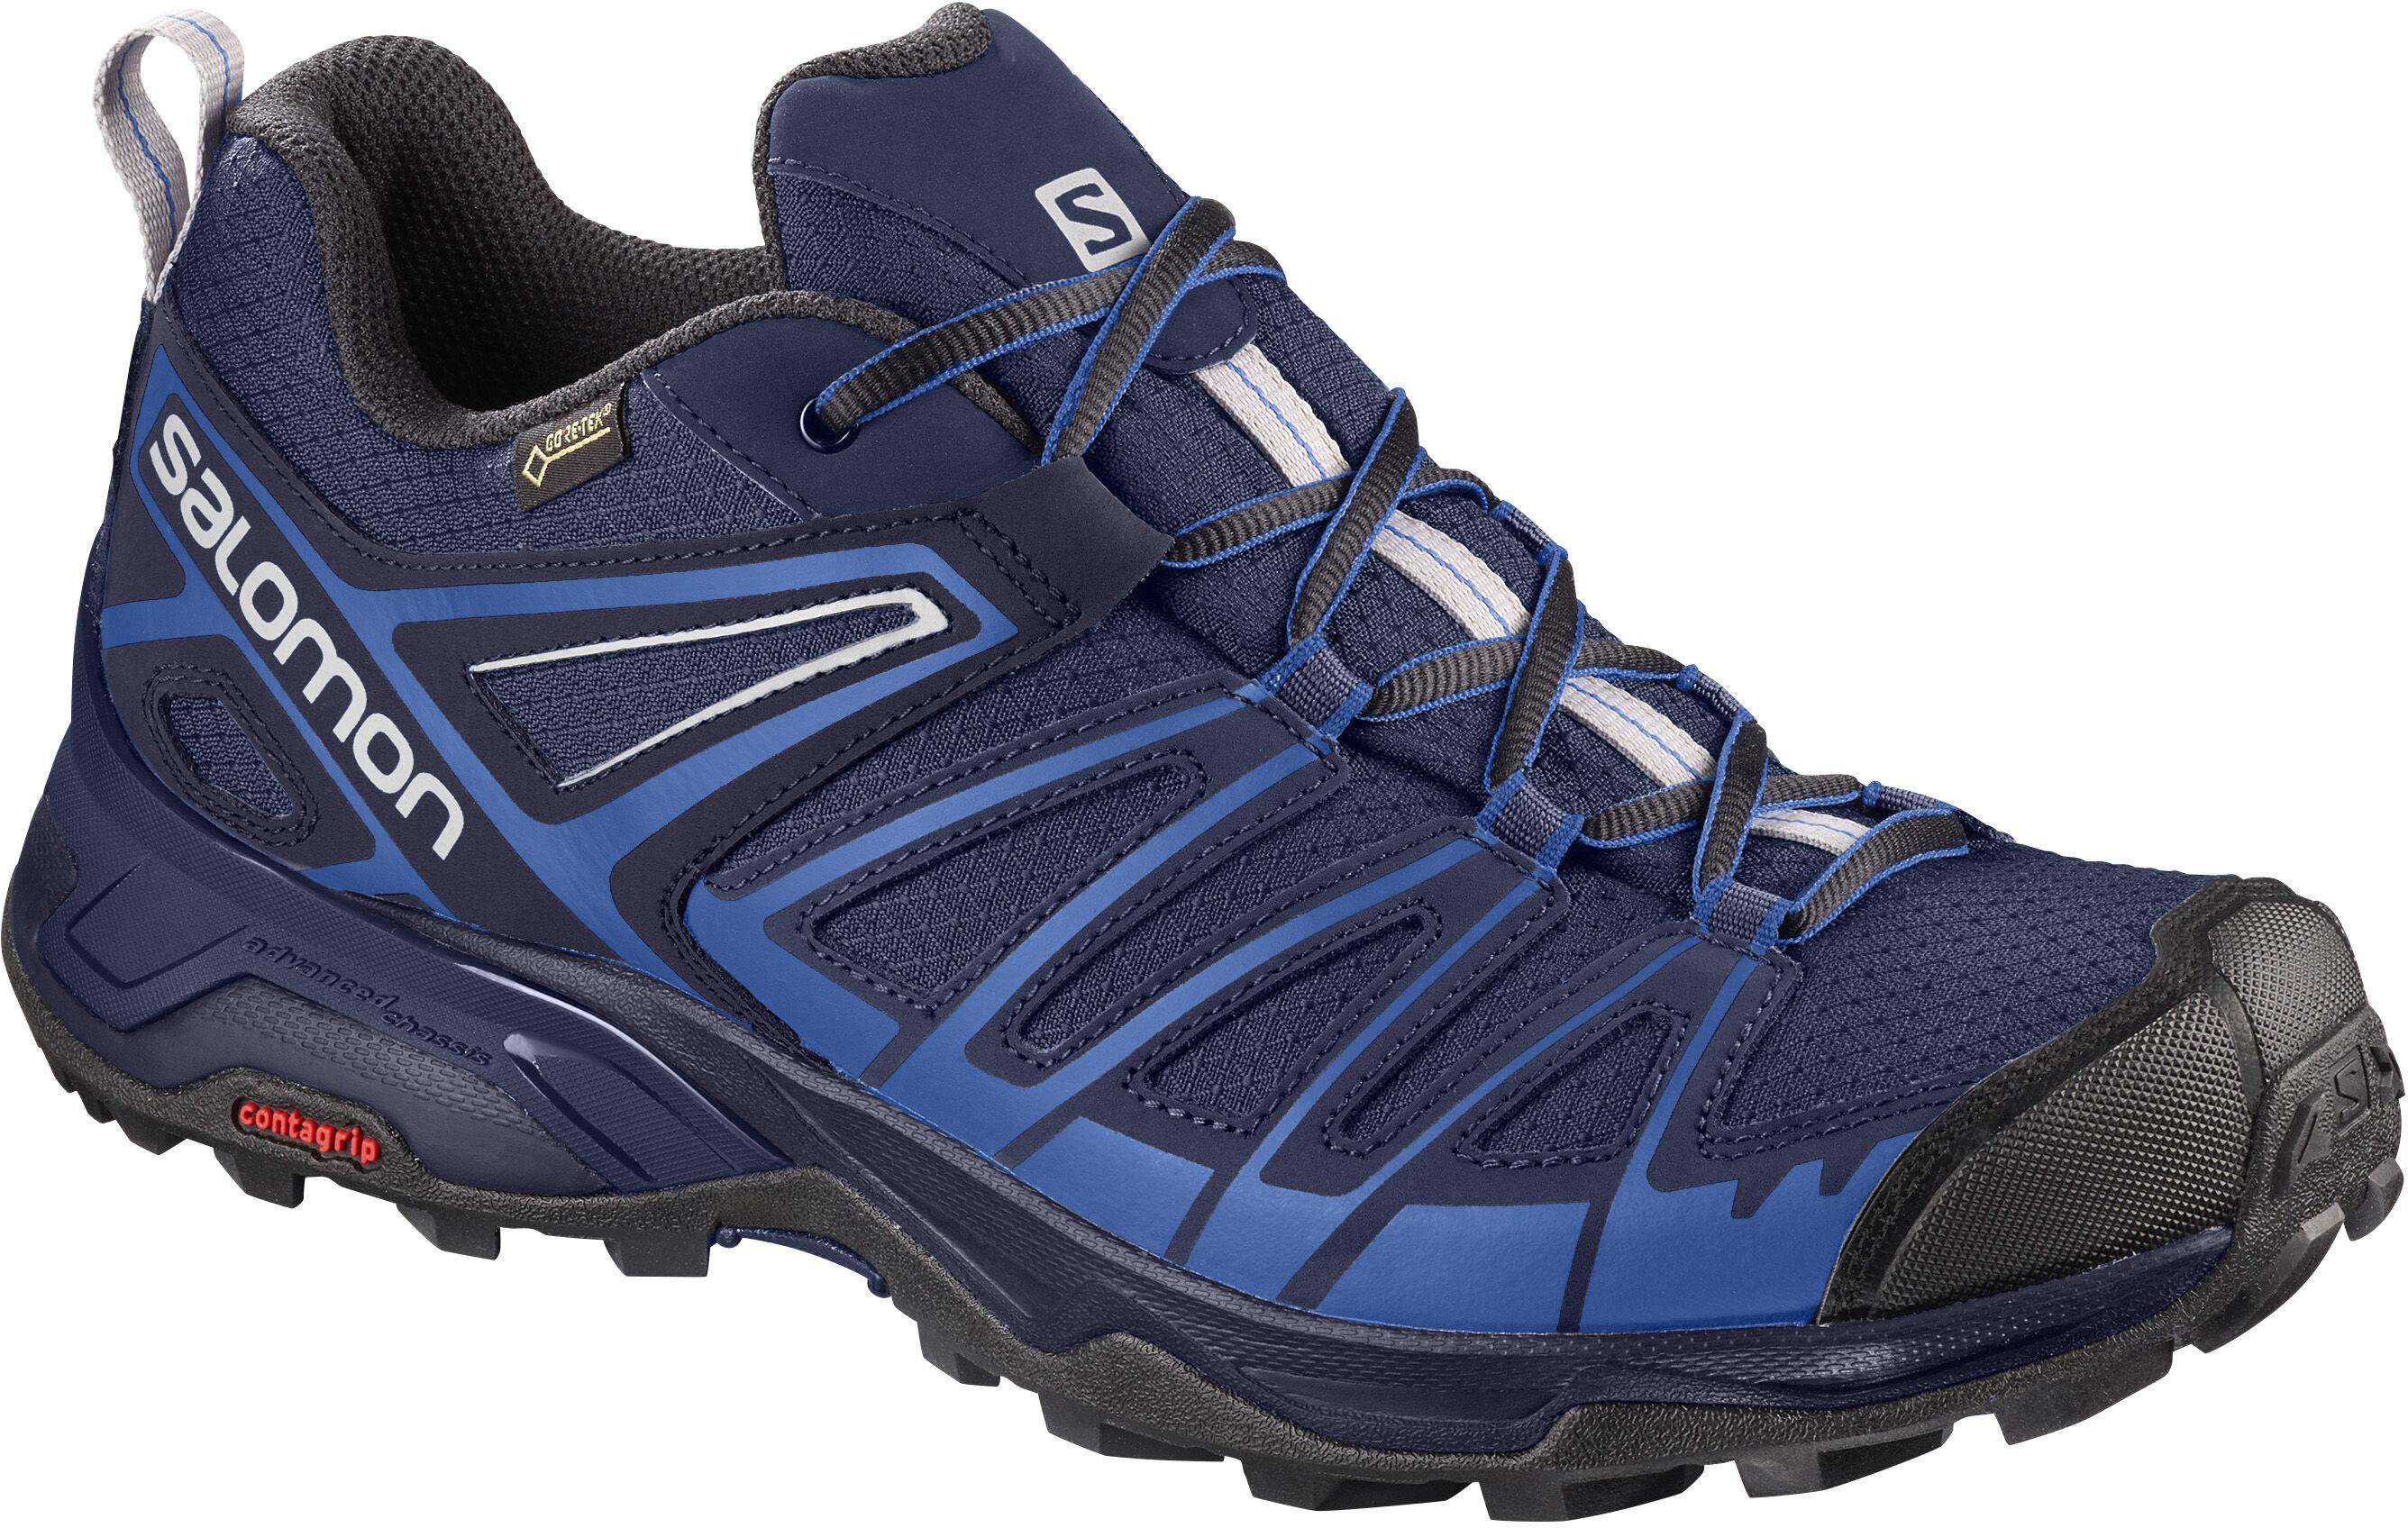 Schoenen Schoenen HerenIntersport Voor Schoenen HerenIntersport Voor HerenIntersport Voor MVpSzqU